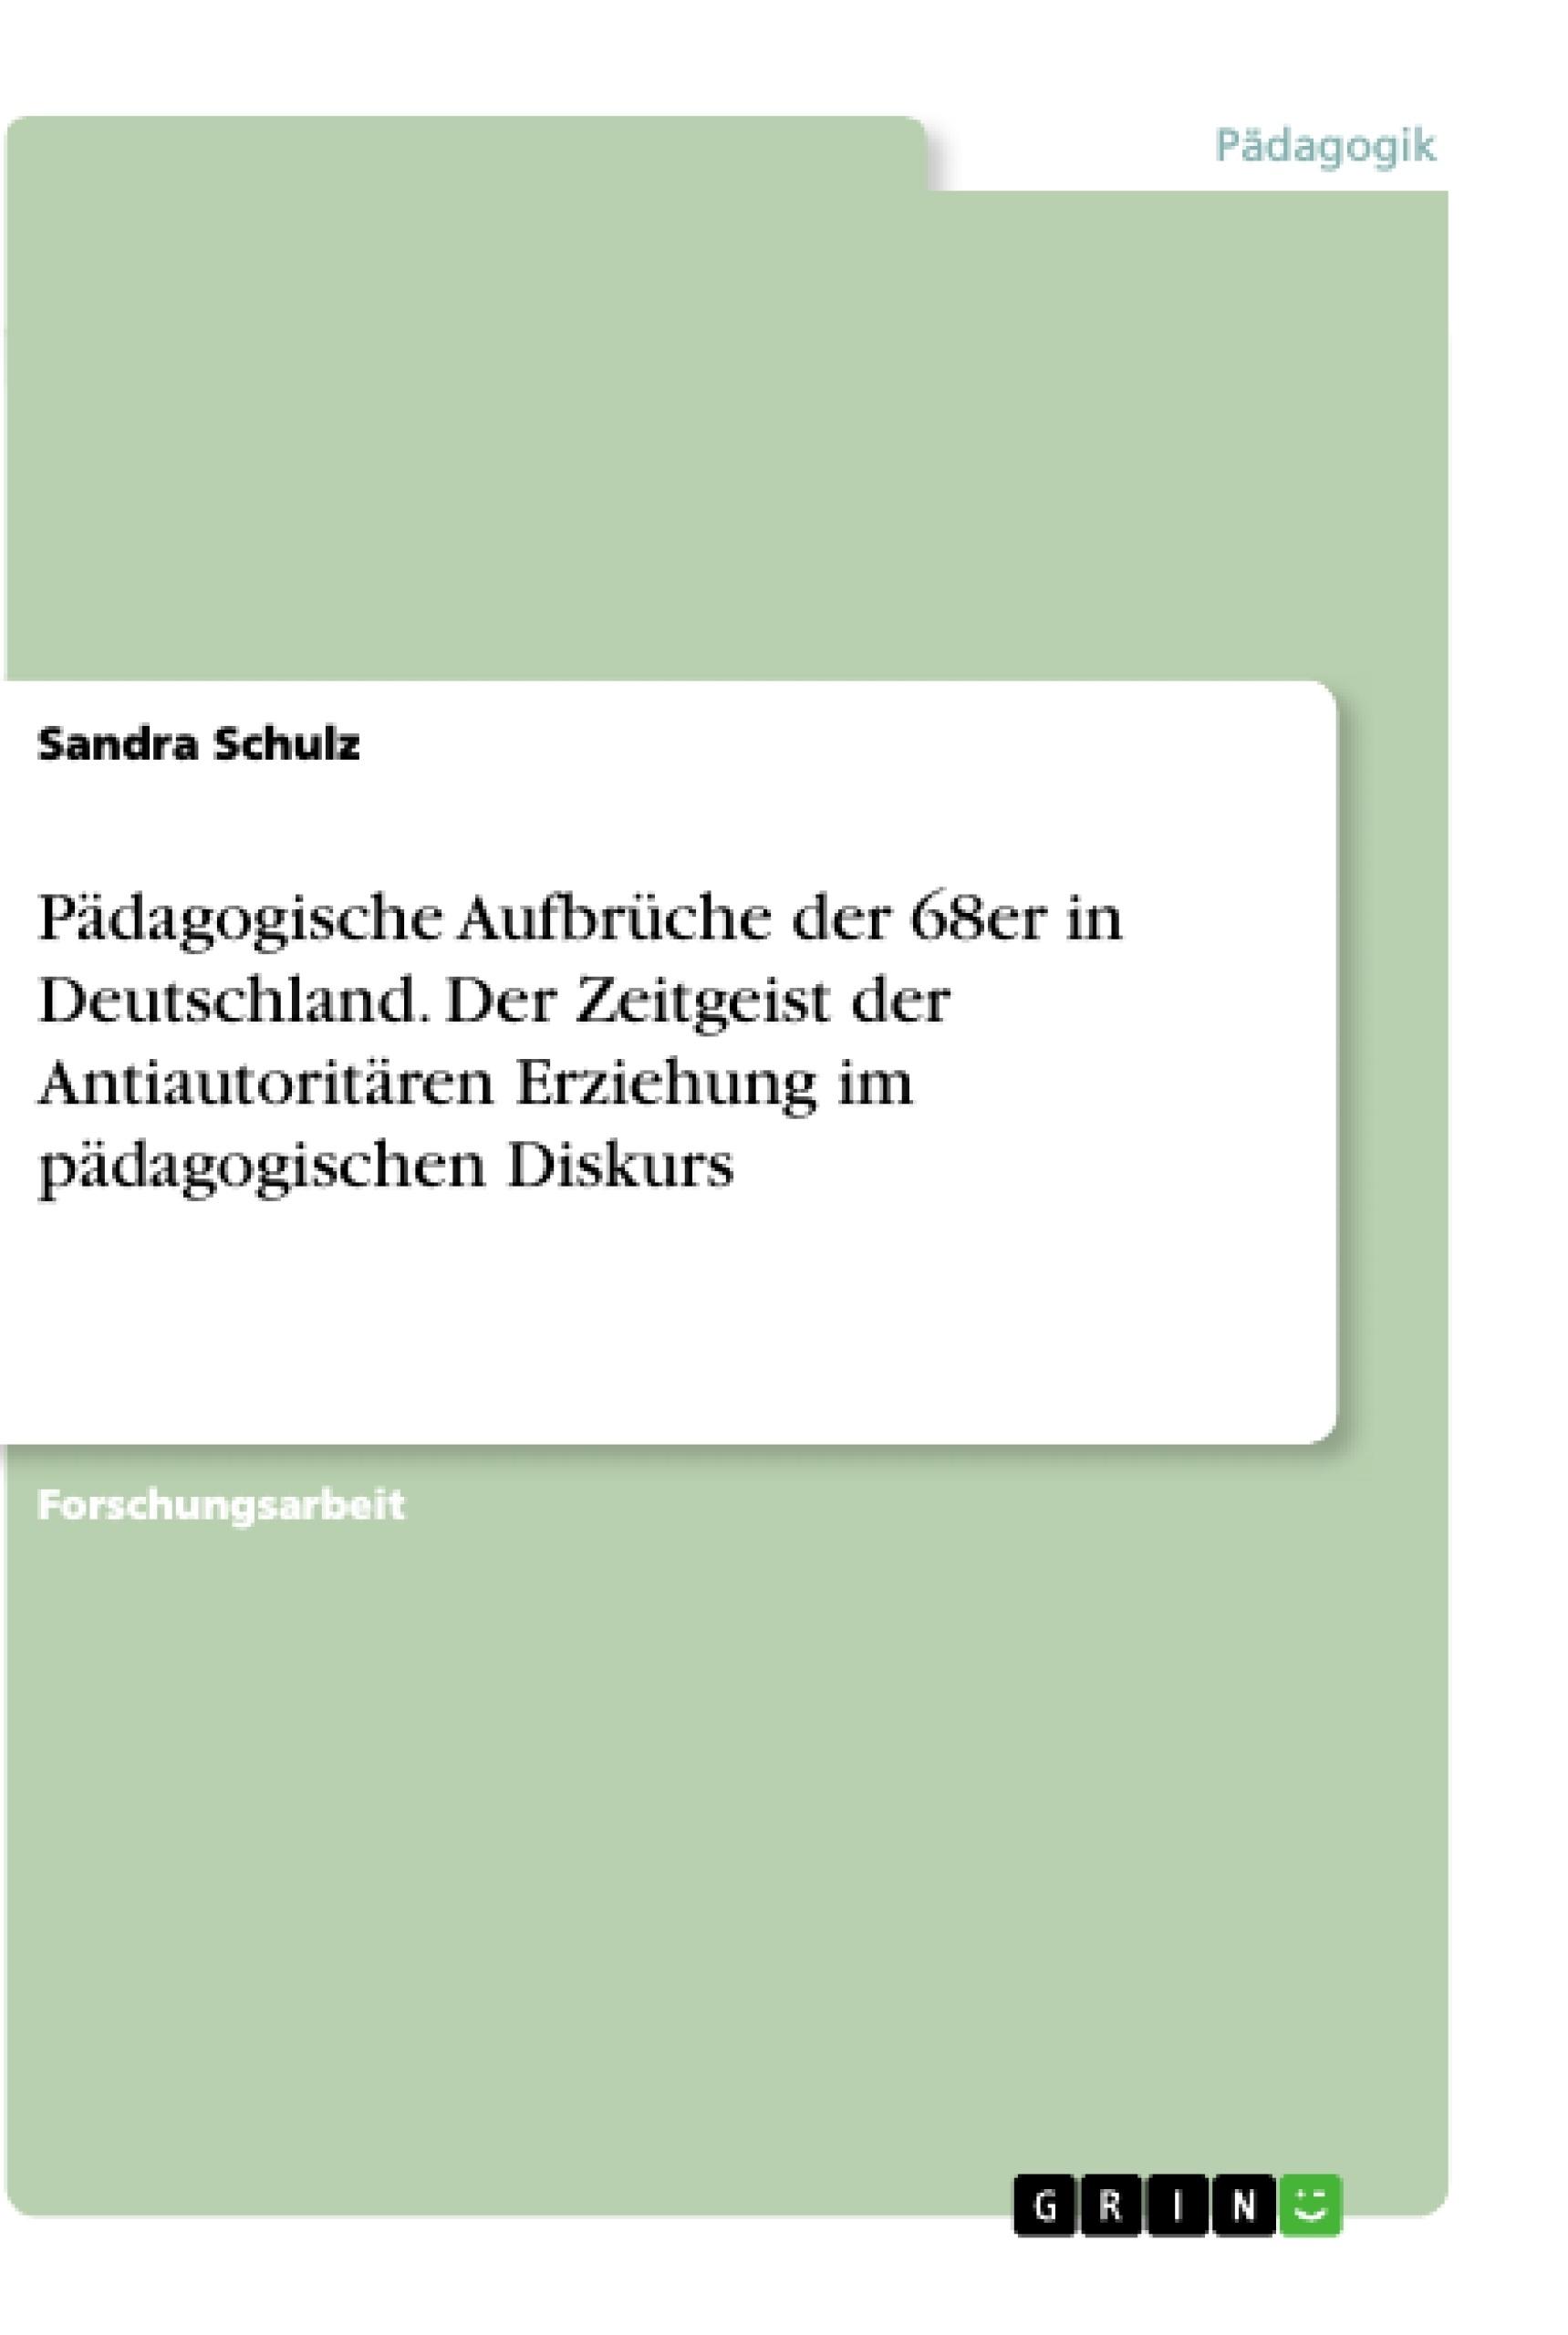 Titel: Pädagogische Aufbrüche der 68er in Deutschland. Der Zeitgeist der Antiautoritären Erziehung im pädagogischen Diskurs